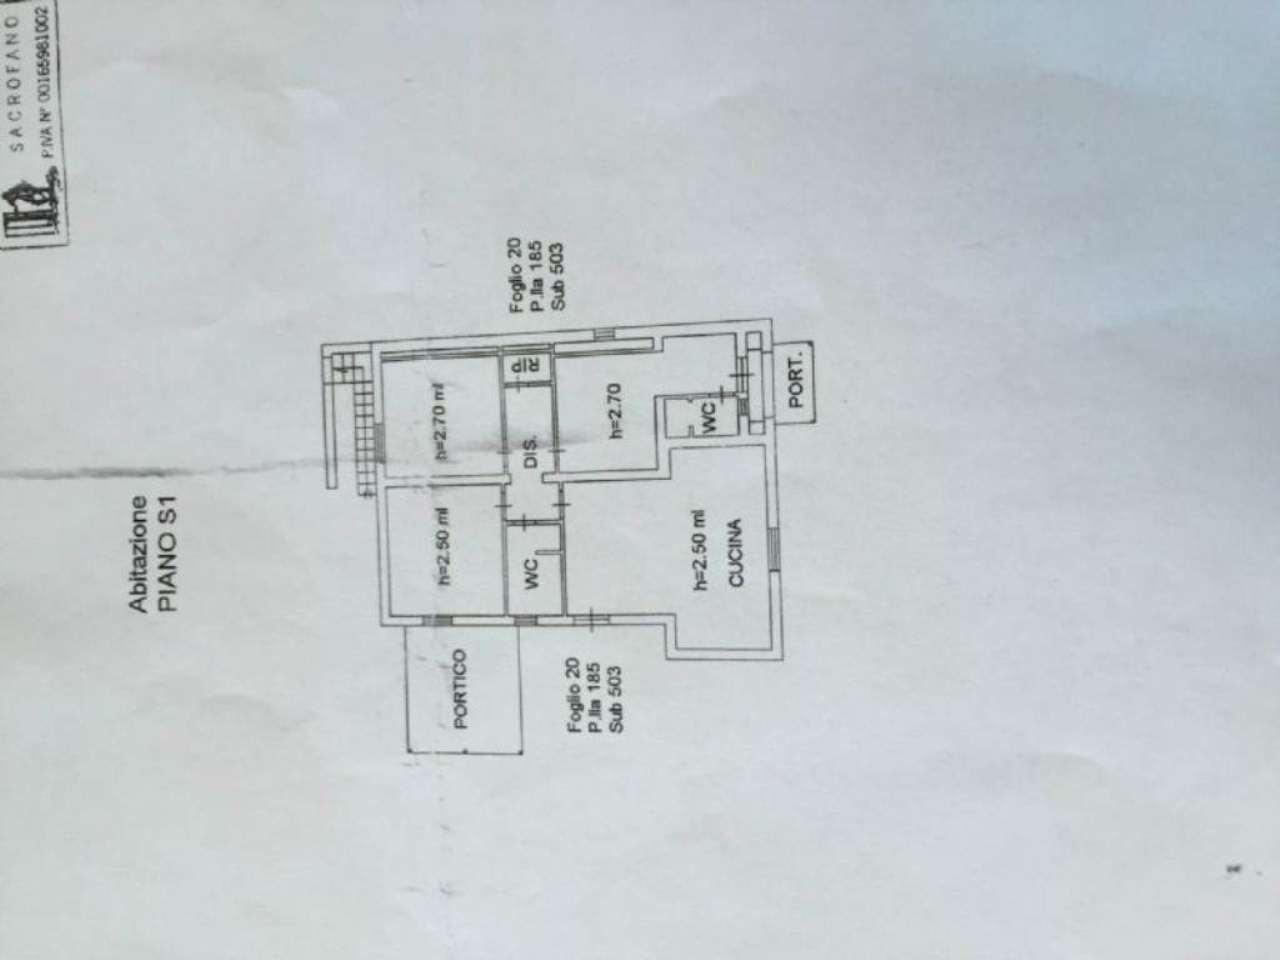 Villa in vendita a Sacrofano, 4 locali, prezzo € 185.000 | Cambio Casa.it